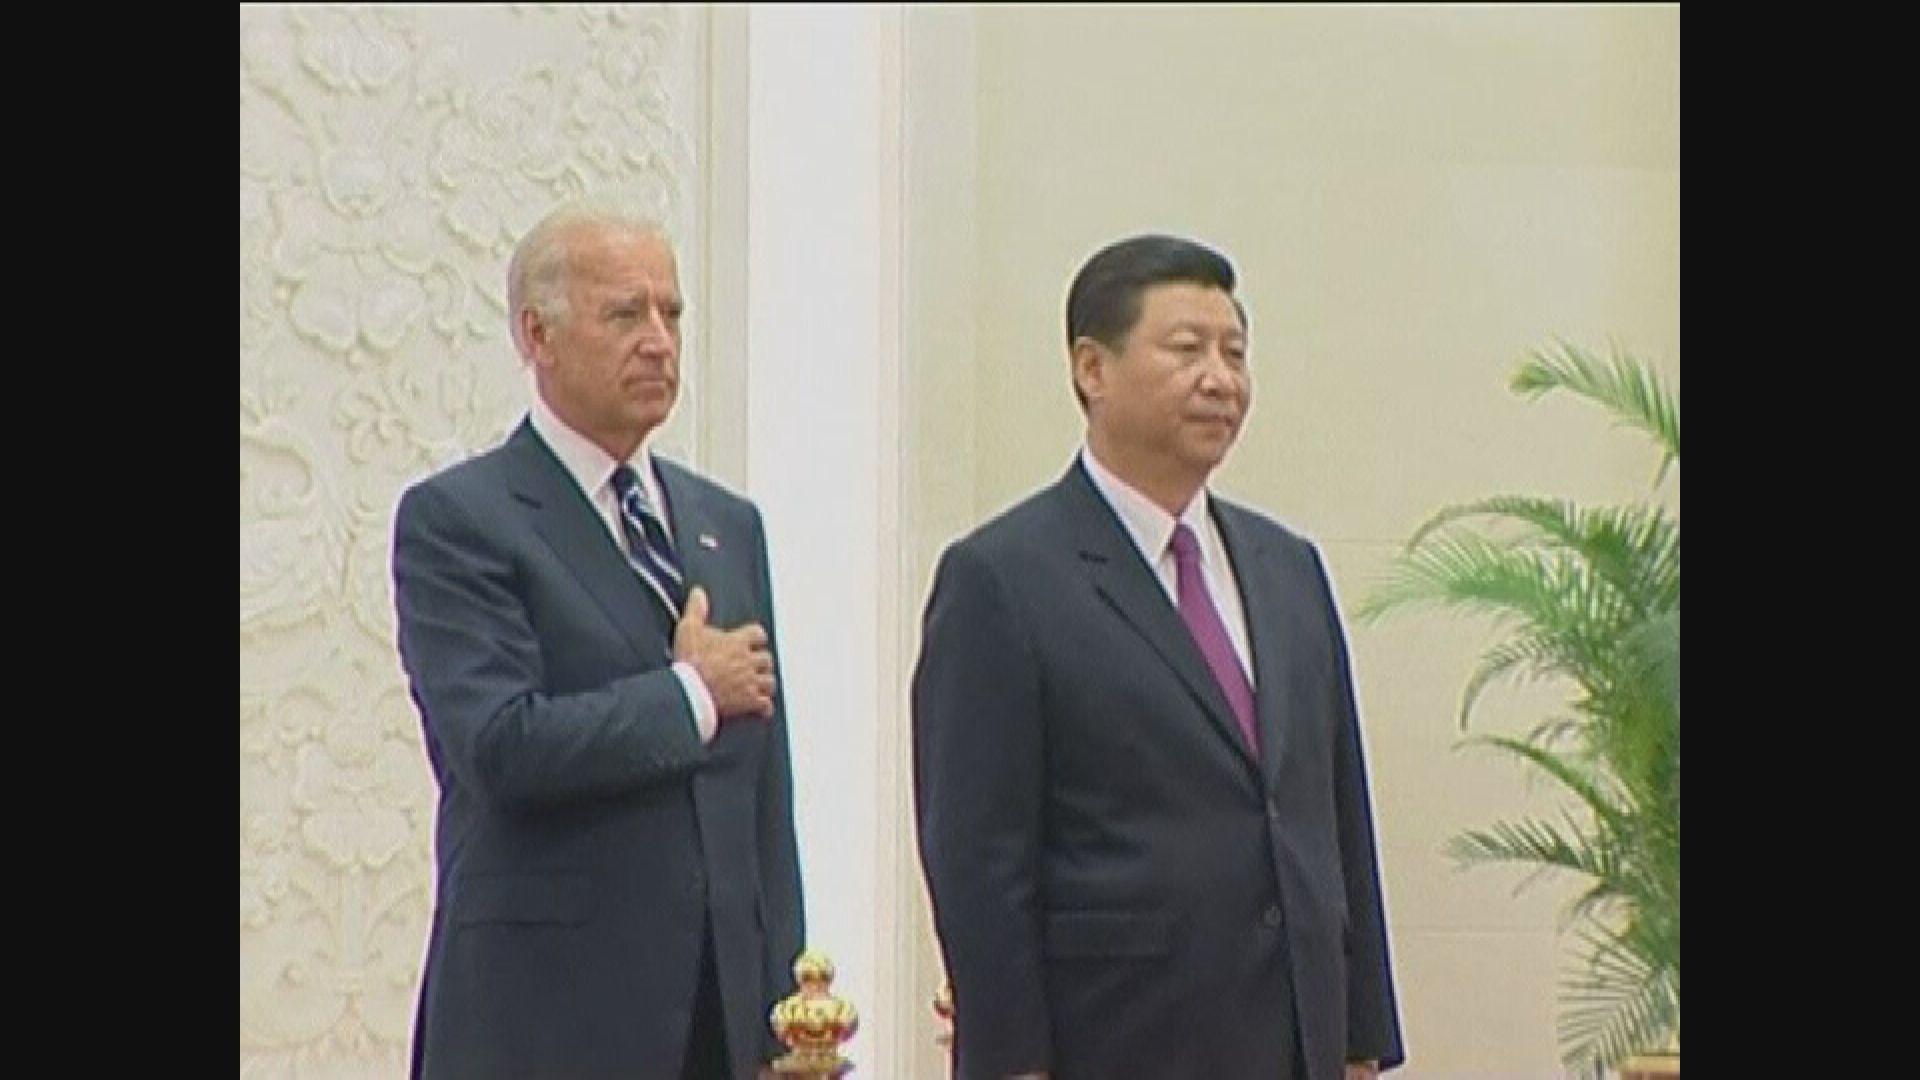 拜登:中美或有激烈競爭但不需要衝突